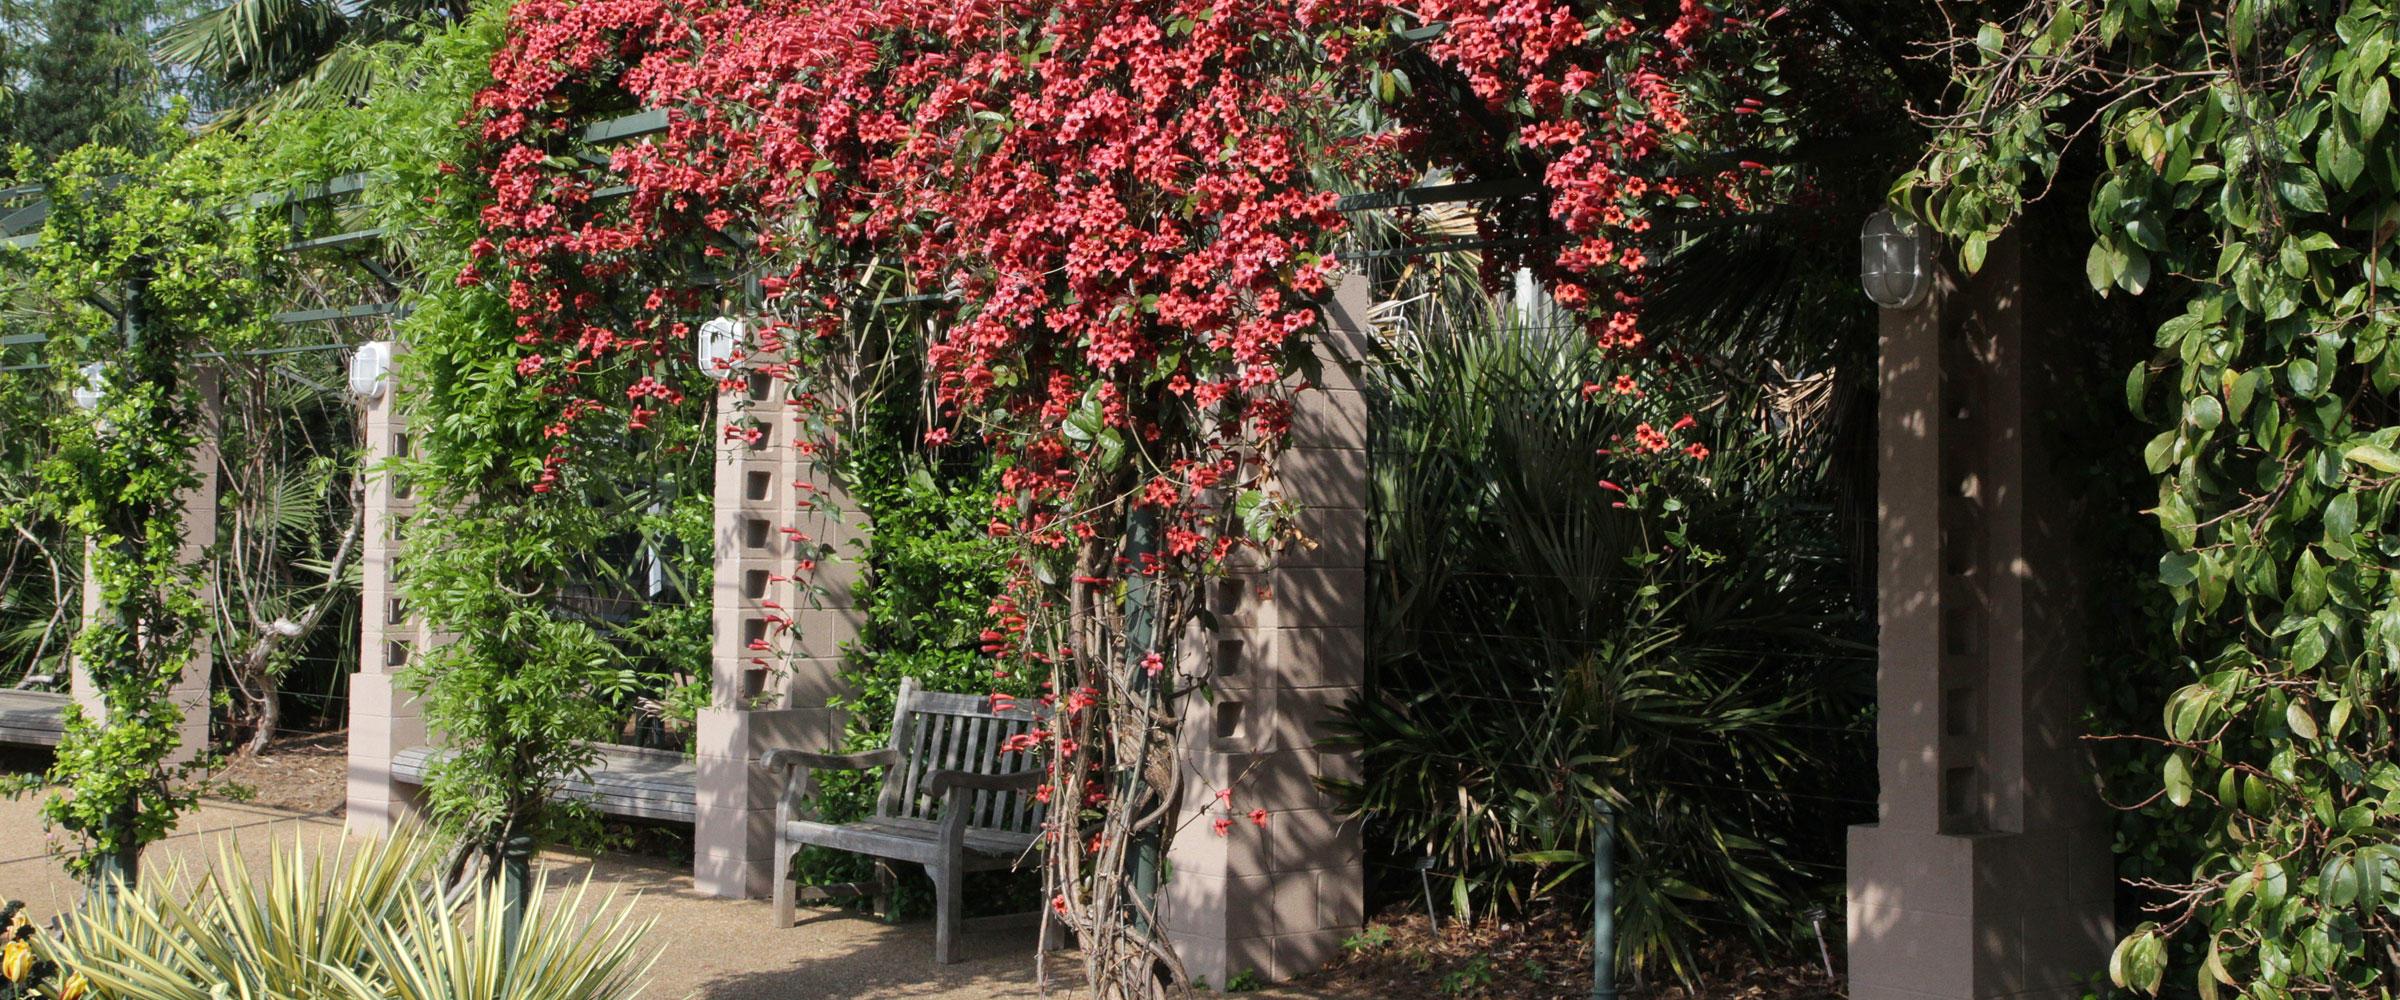 Bignonia capreolata Garden Setting by Will Stuart